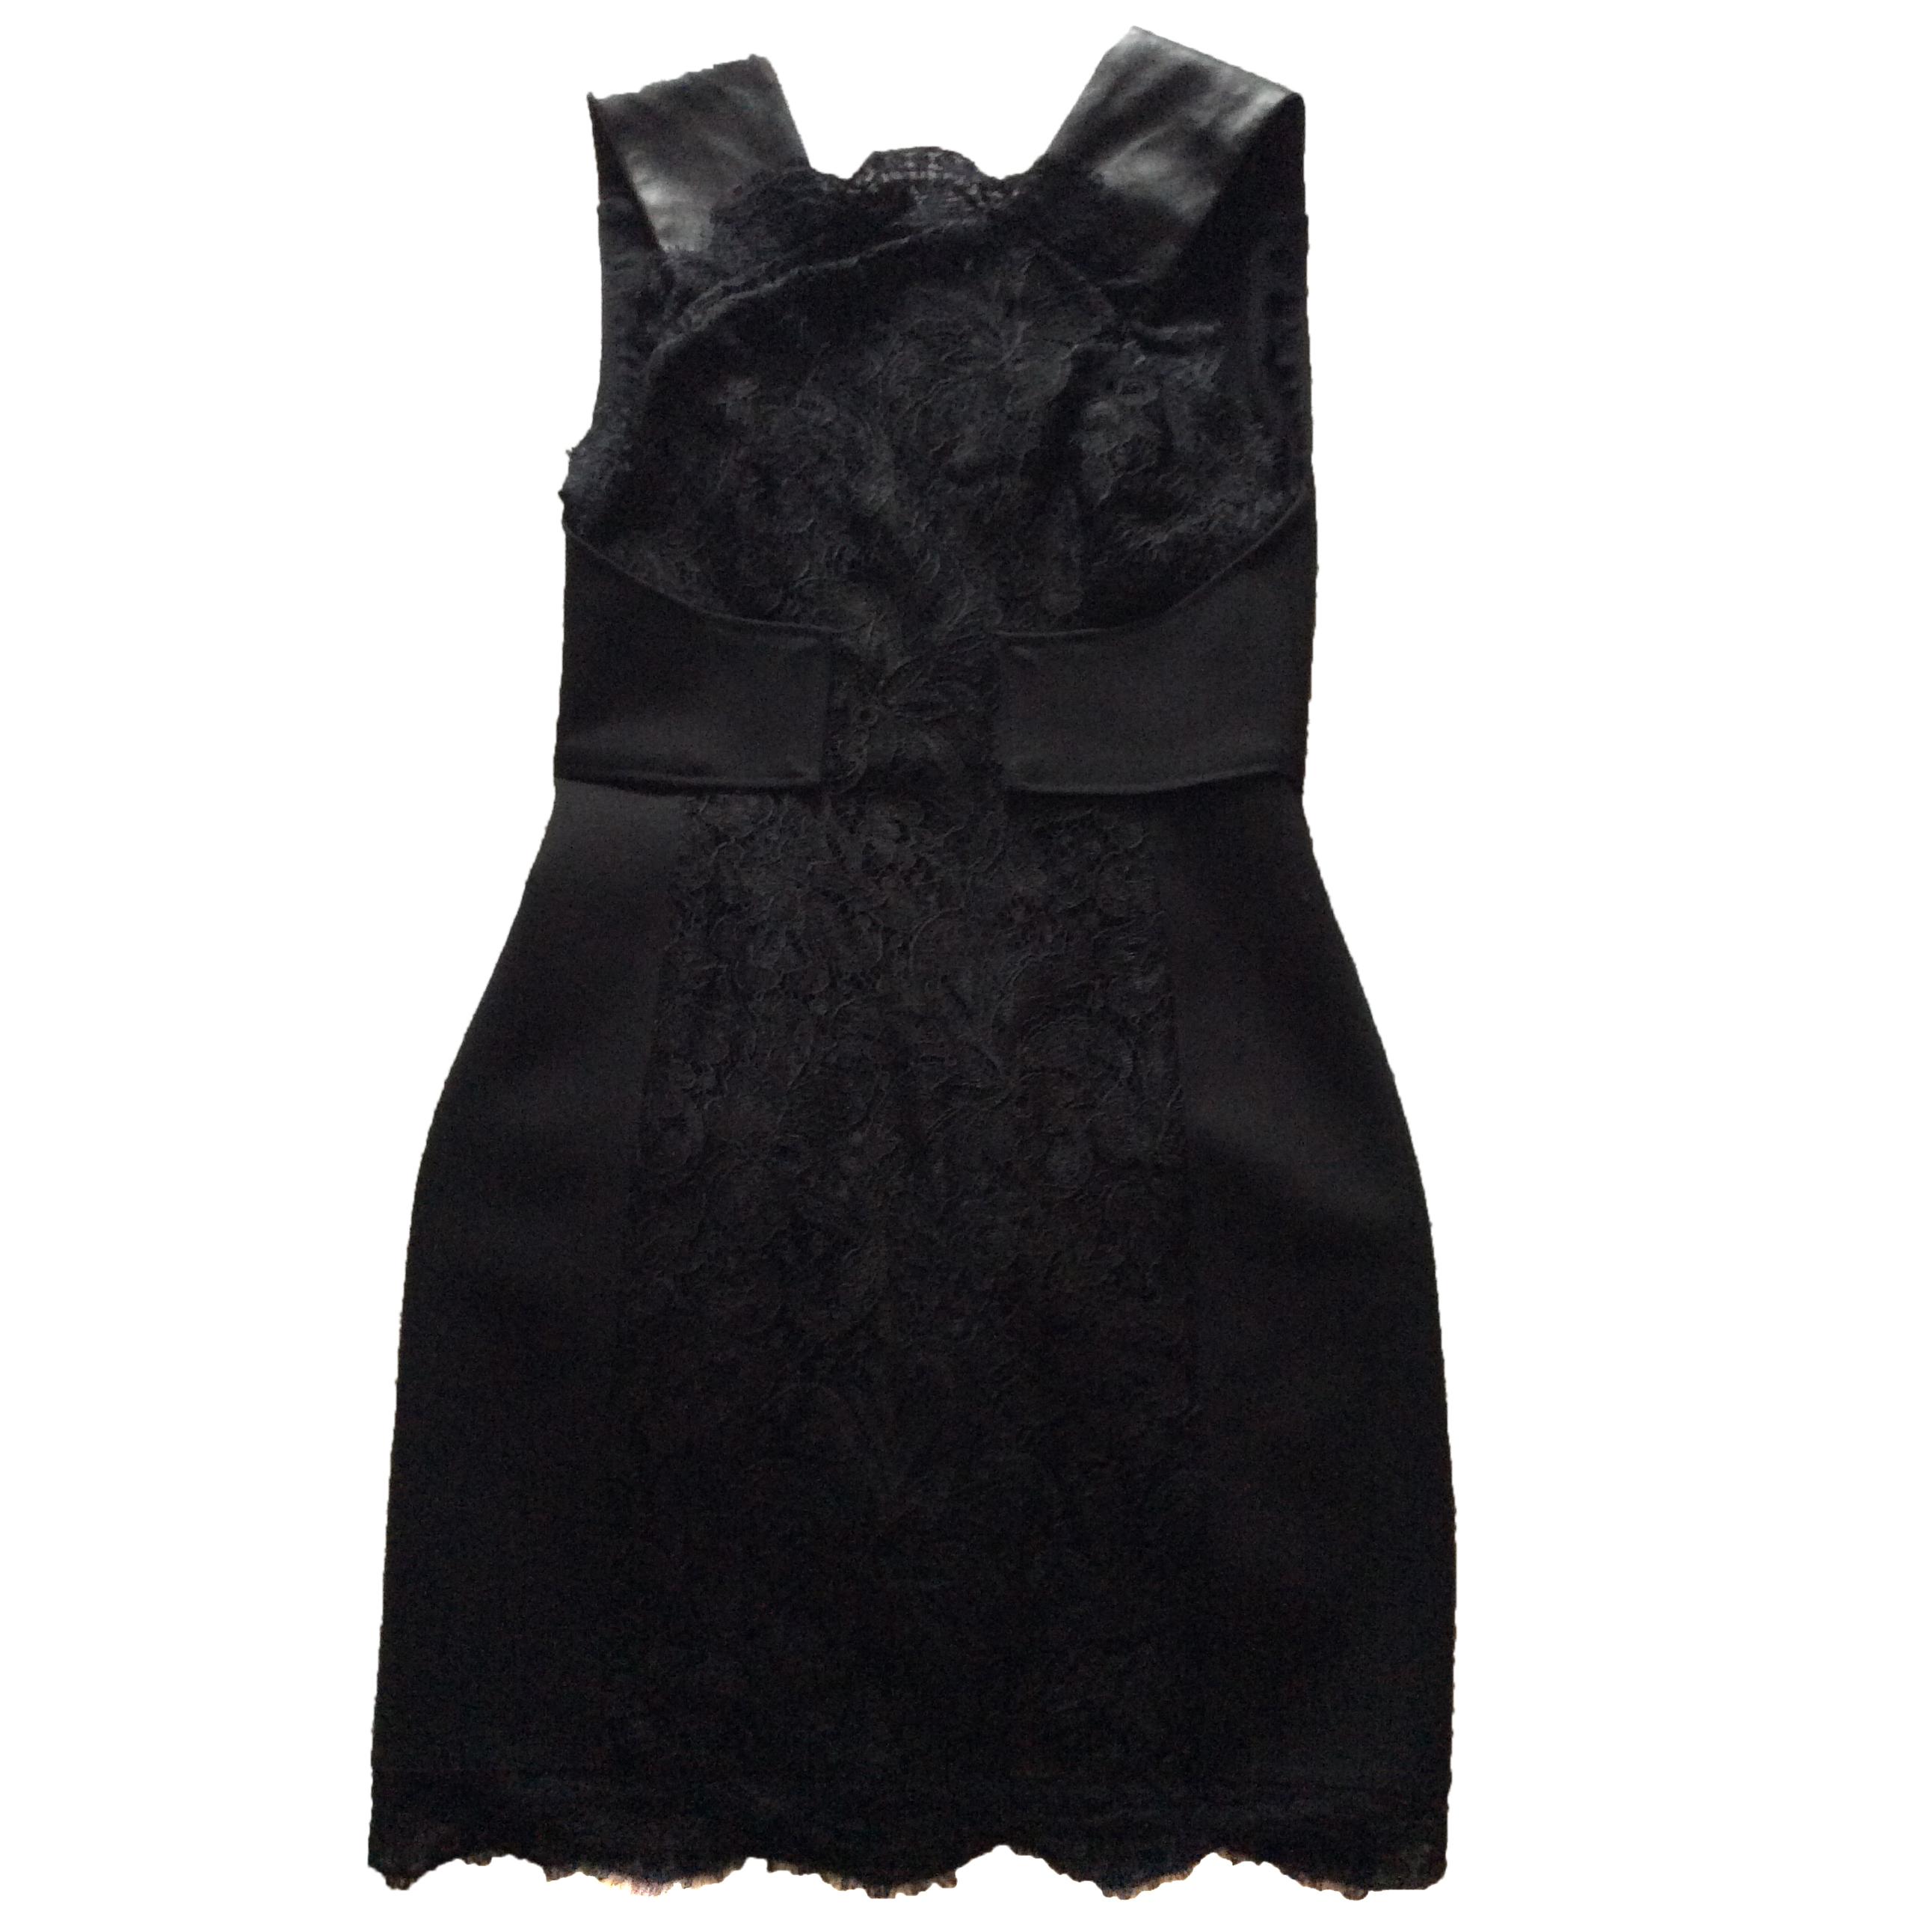 Pucci black lace cocktail dress